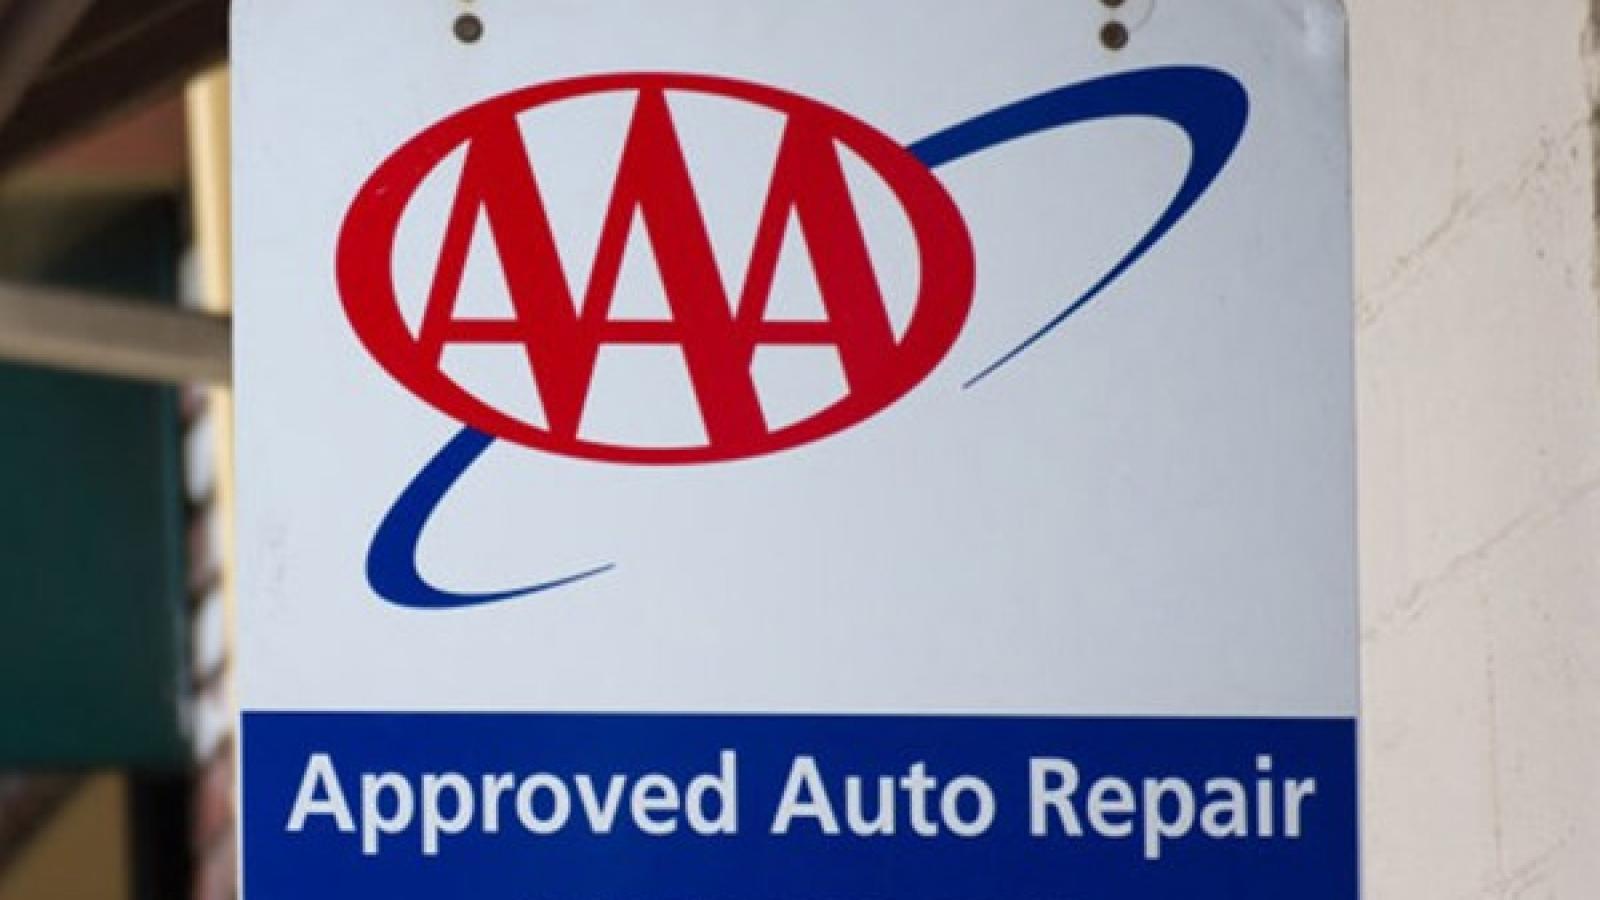 شرکت AAA به رکورد تعمیر 32 میلیون خودرو در سال 2015 رسید - اجاره خودرو طباطبایی